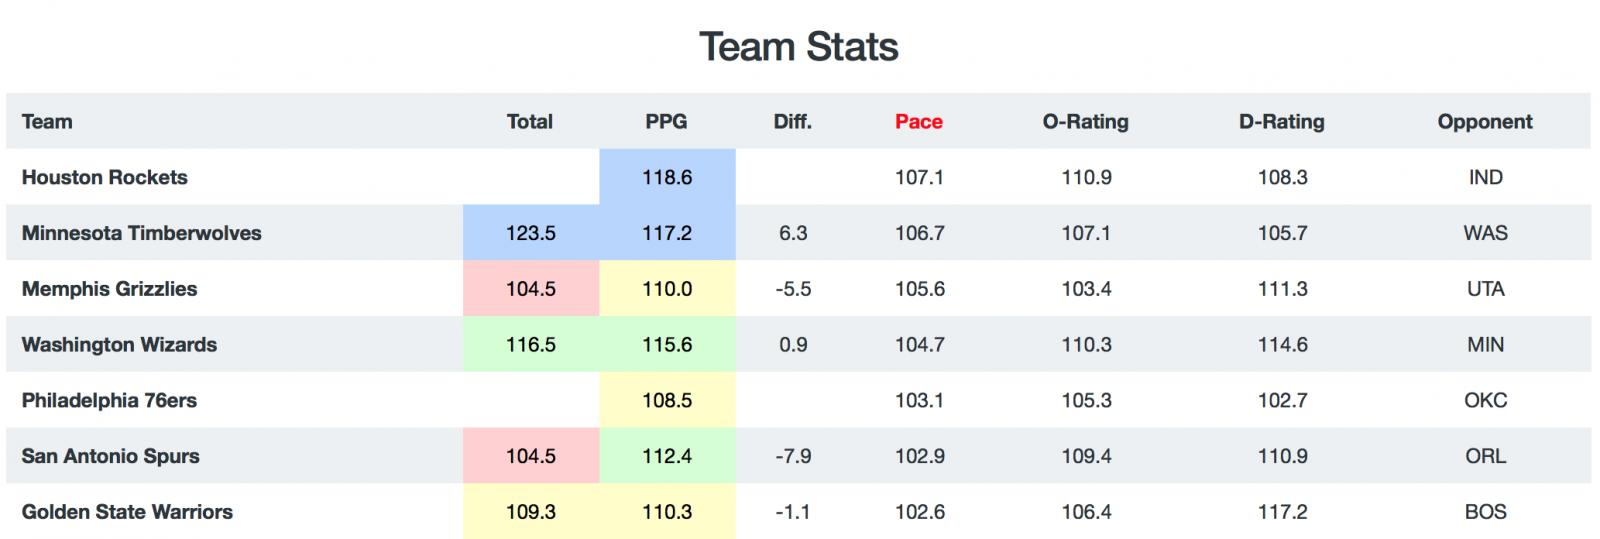 NBA Breakdown - Pace